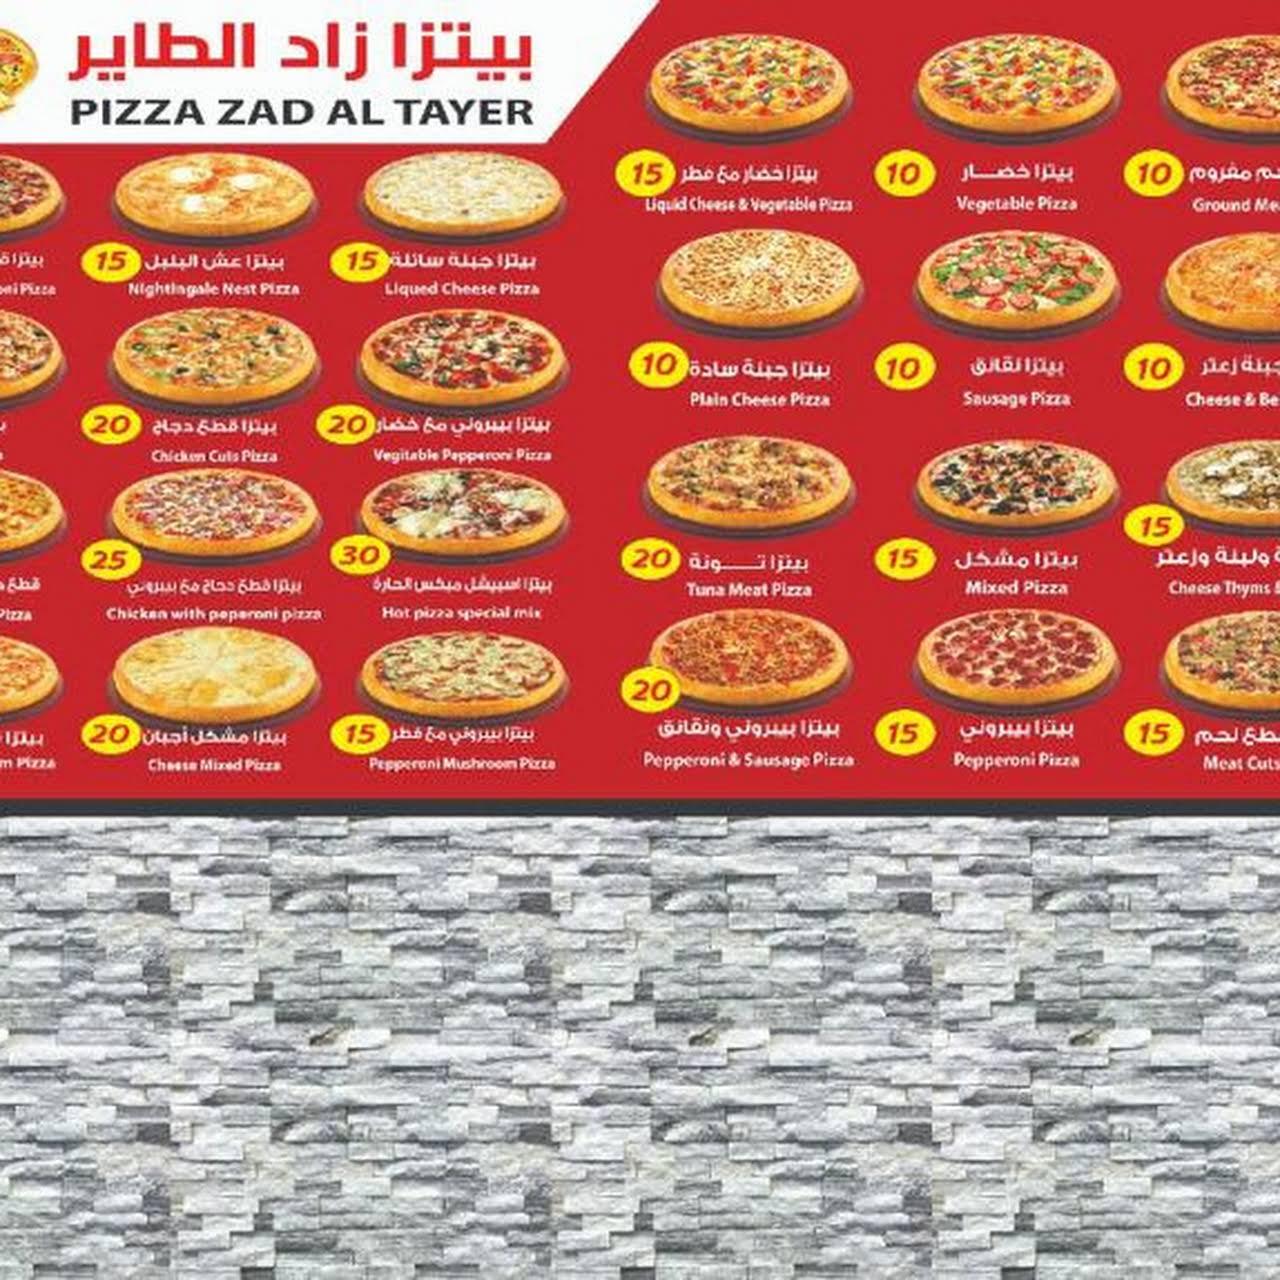 مطعم بيتزا زاد الطاير